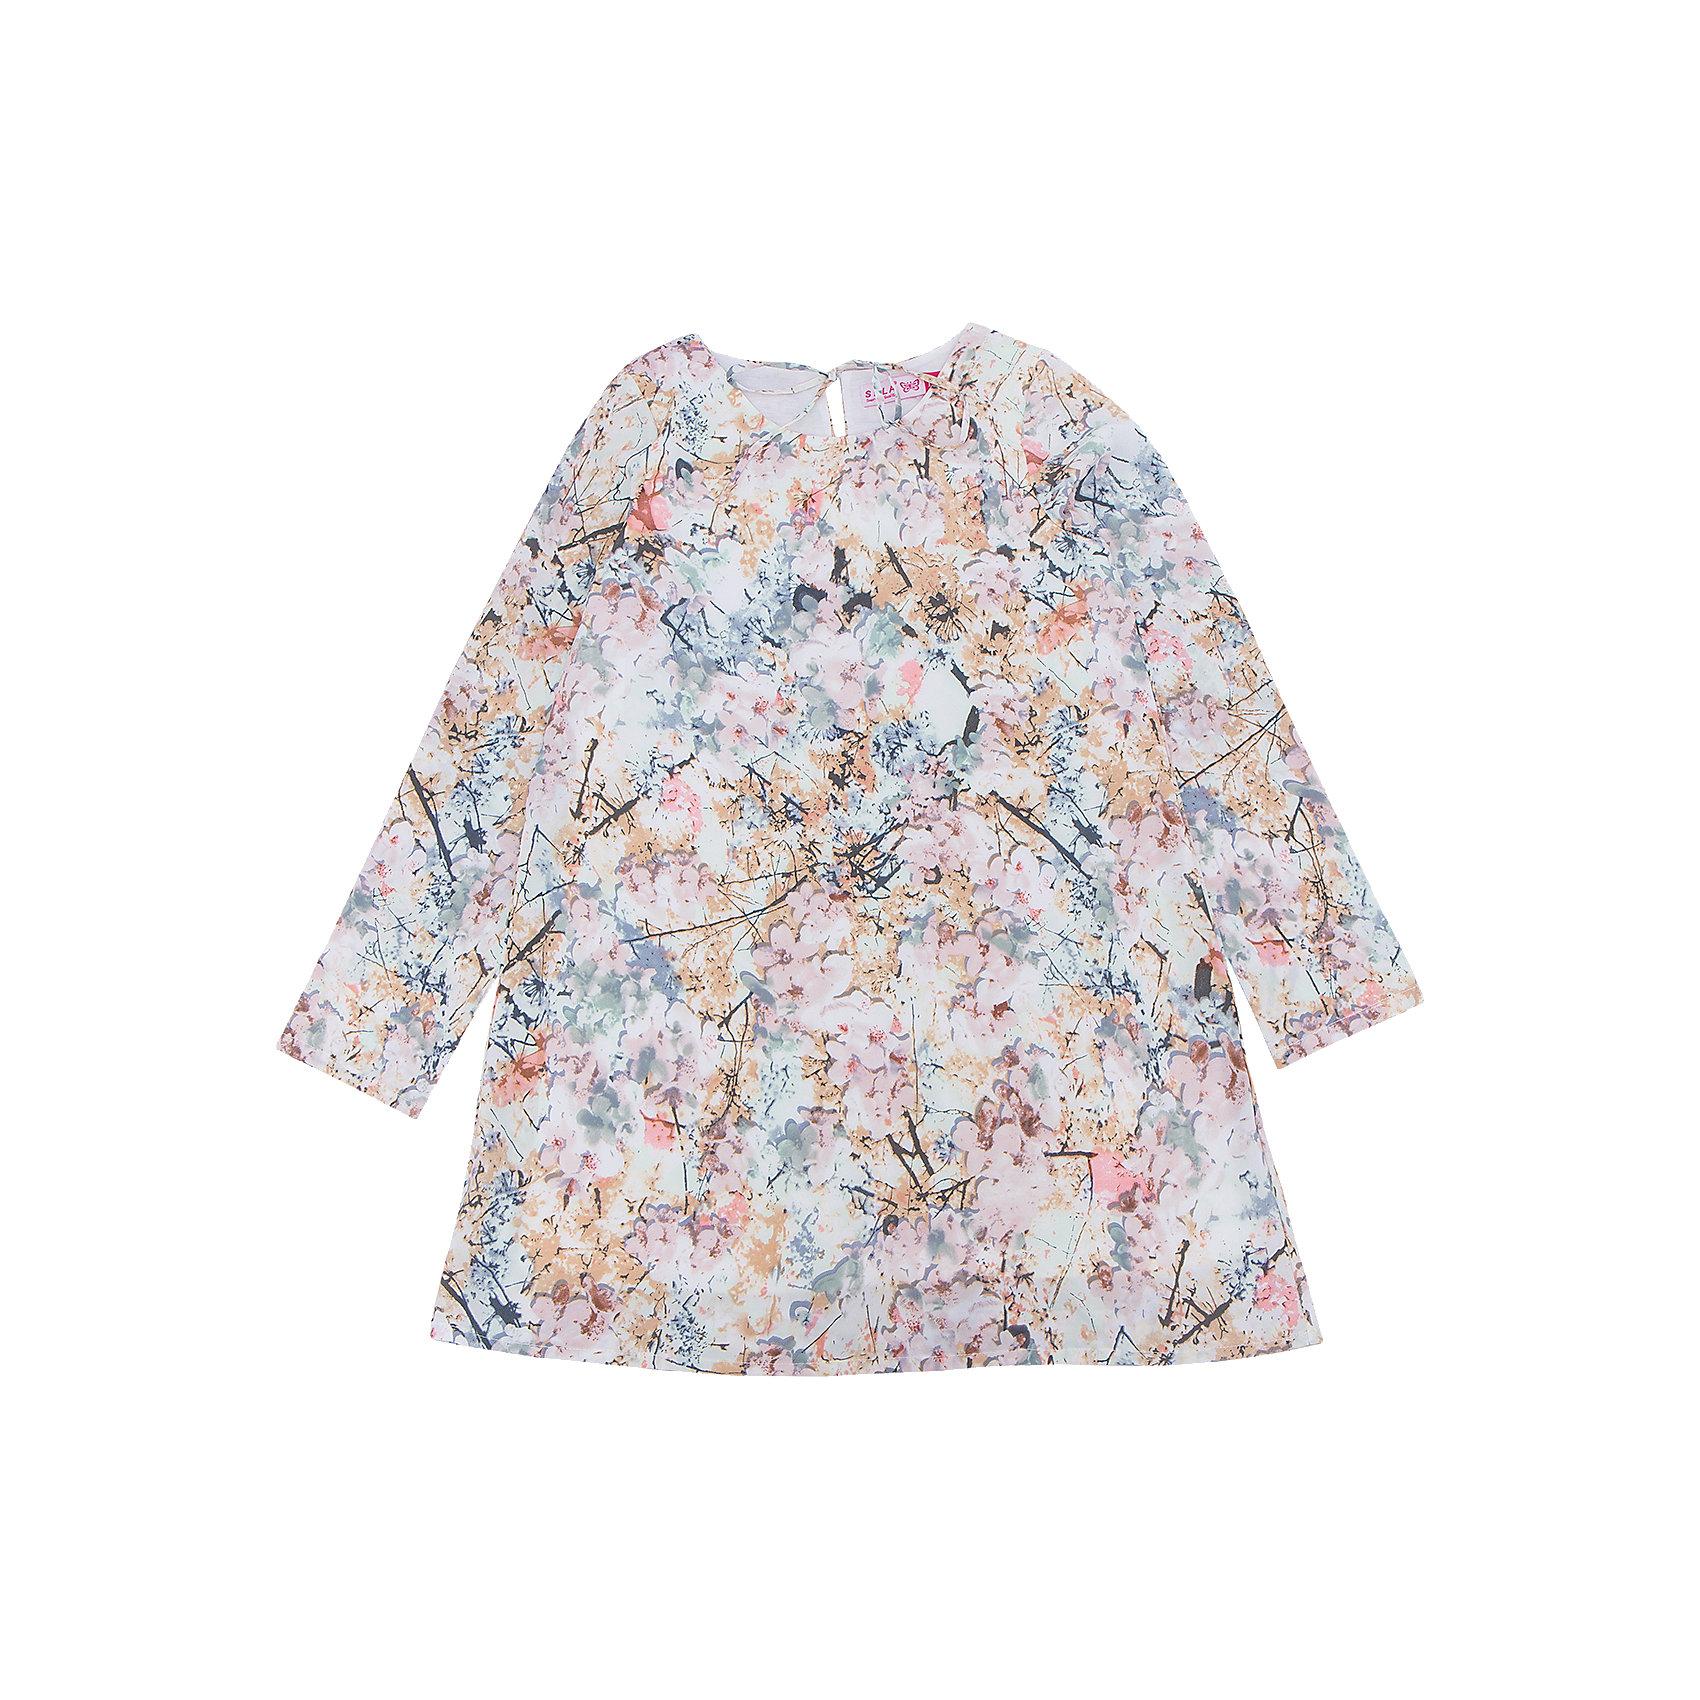 Платье для девочки SELAПлатья и сарафаны<br>Характеристики товара:<br><br>• цвет: мульти<br>• сезон: лето, демисезон<br>• состав: 100% ПЭ; подкладка: 65% хлопок, 35% ПЭ<br>• декорировано принтом<br>• выше колена<br>• длинные рукава<br>• страна бренда: Россия<br><br>В новой коллекции SELA отличные модели одежды! Это платье для девочки поможет разнообразить гардероб ребенка и обеспечить комфорт. Оно отлично сочетается с различной обувью. Стильная и удобная вещь!<br><br>Одежда, обувь и аксессуары от российского бренда SELA не зря пользуются большой популярностью у детей и взрослых! Модели этой марки - стильные и удобные, цена при этом неизменно остается доступной. Для их производства используются только безопасные, качественные материалы и фурнитура.<br><br>Платье для девочки от популярного бренда SELA (СЕЛА) можно купить в нашем интернет-магазине.<br><br>Ширина мм: 236<br>Глубина мм: 16<br>Высота мм: 184<br>Вес г: 177<br>Цвет: белый<br>Возраст от месяцев: 108<br>Возраст до месяцев: 120<br>Пол: Женский<br>Возраст: Детский<br>Размер: 140,134,146,152,116,122,128<br>SKU: 5305233